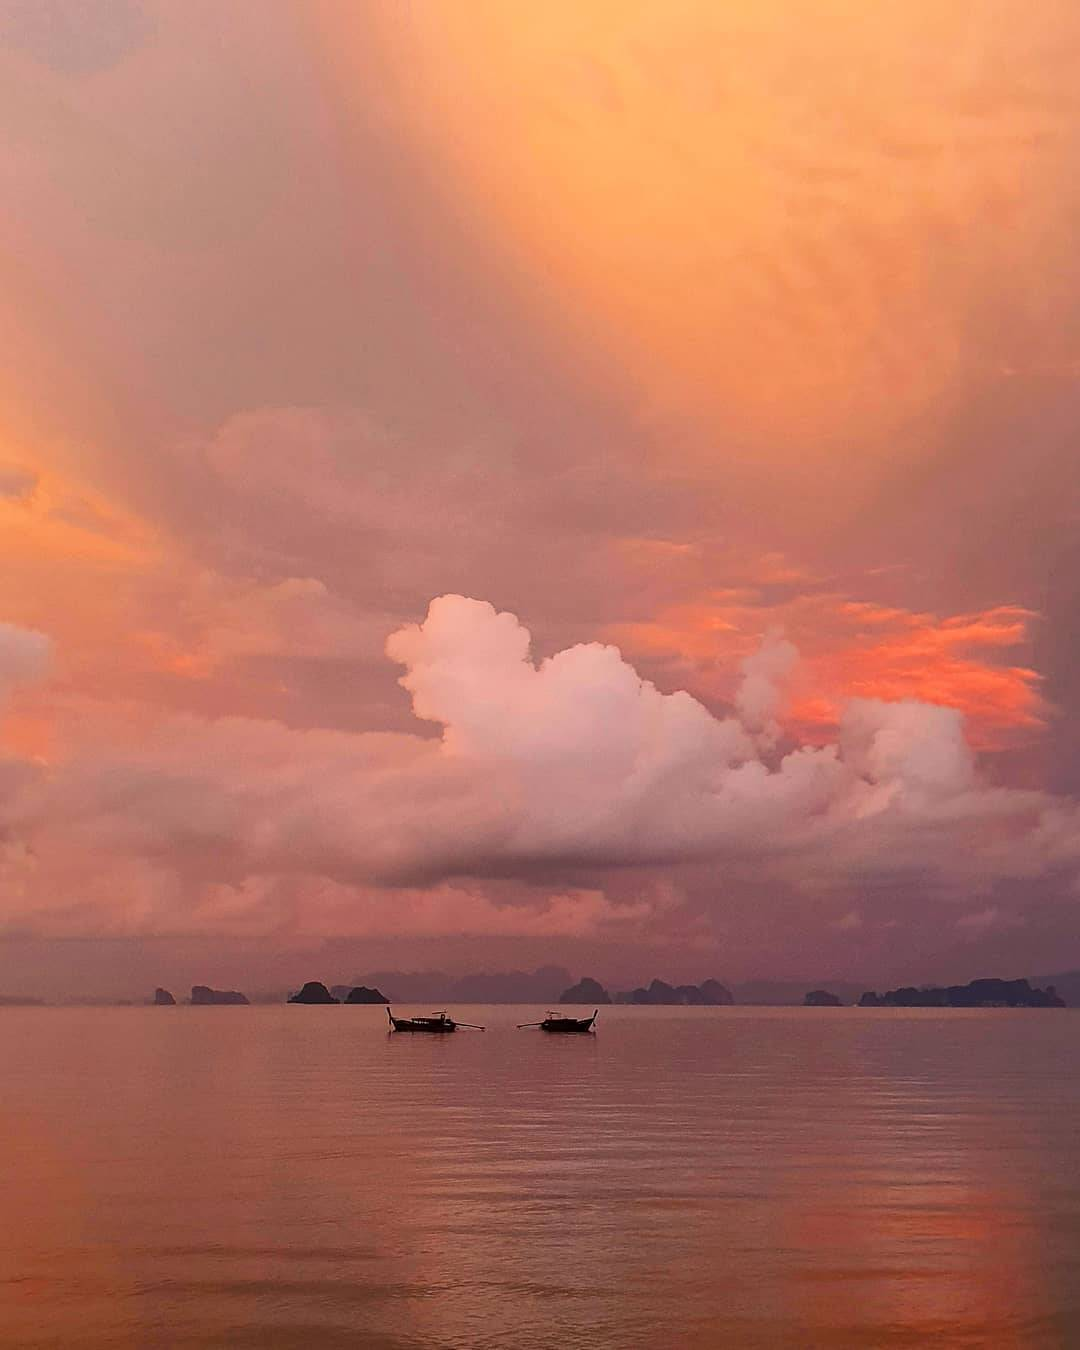 De lucht die bijna een schilderij lijkt gezien vanaf Koh Yao Yai